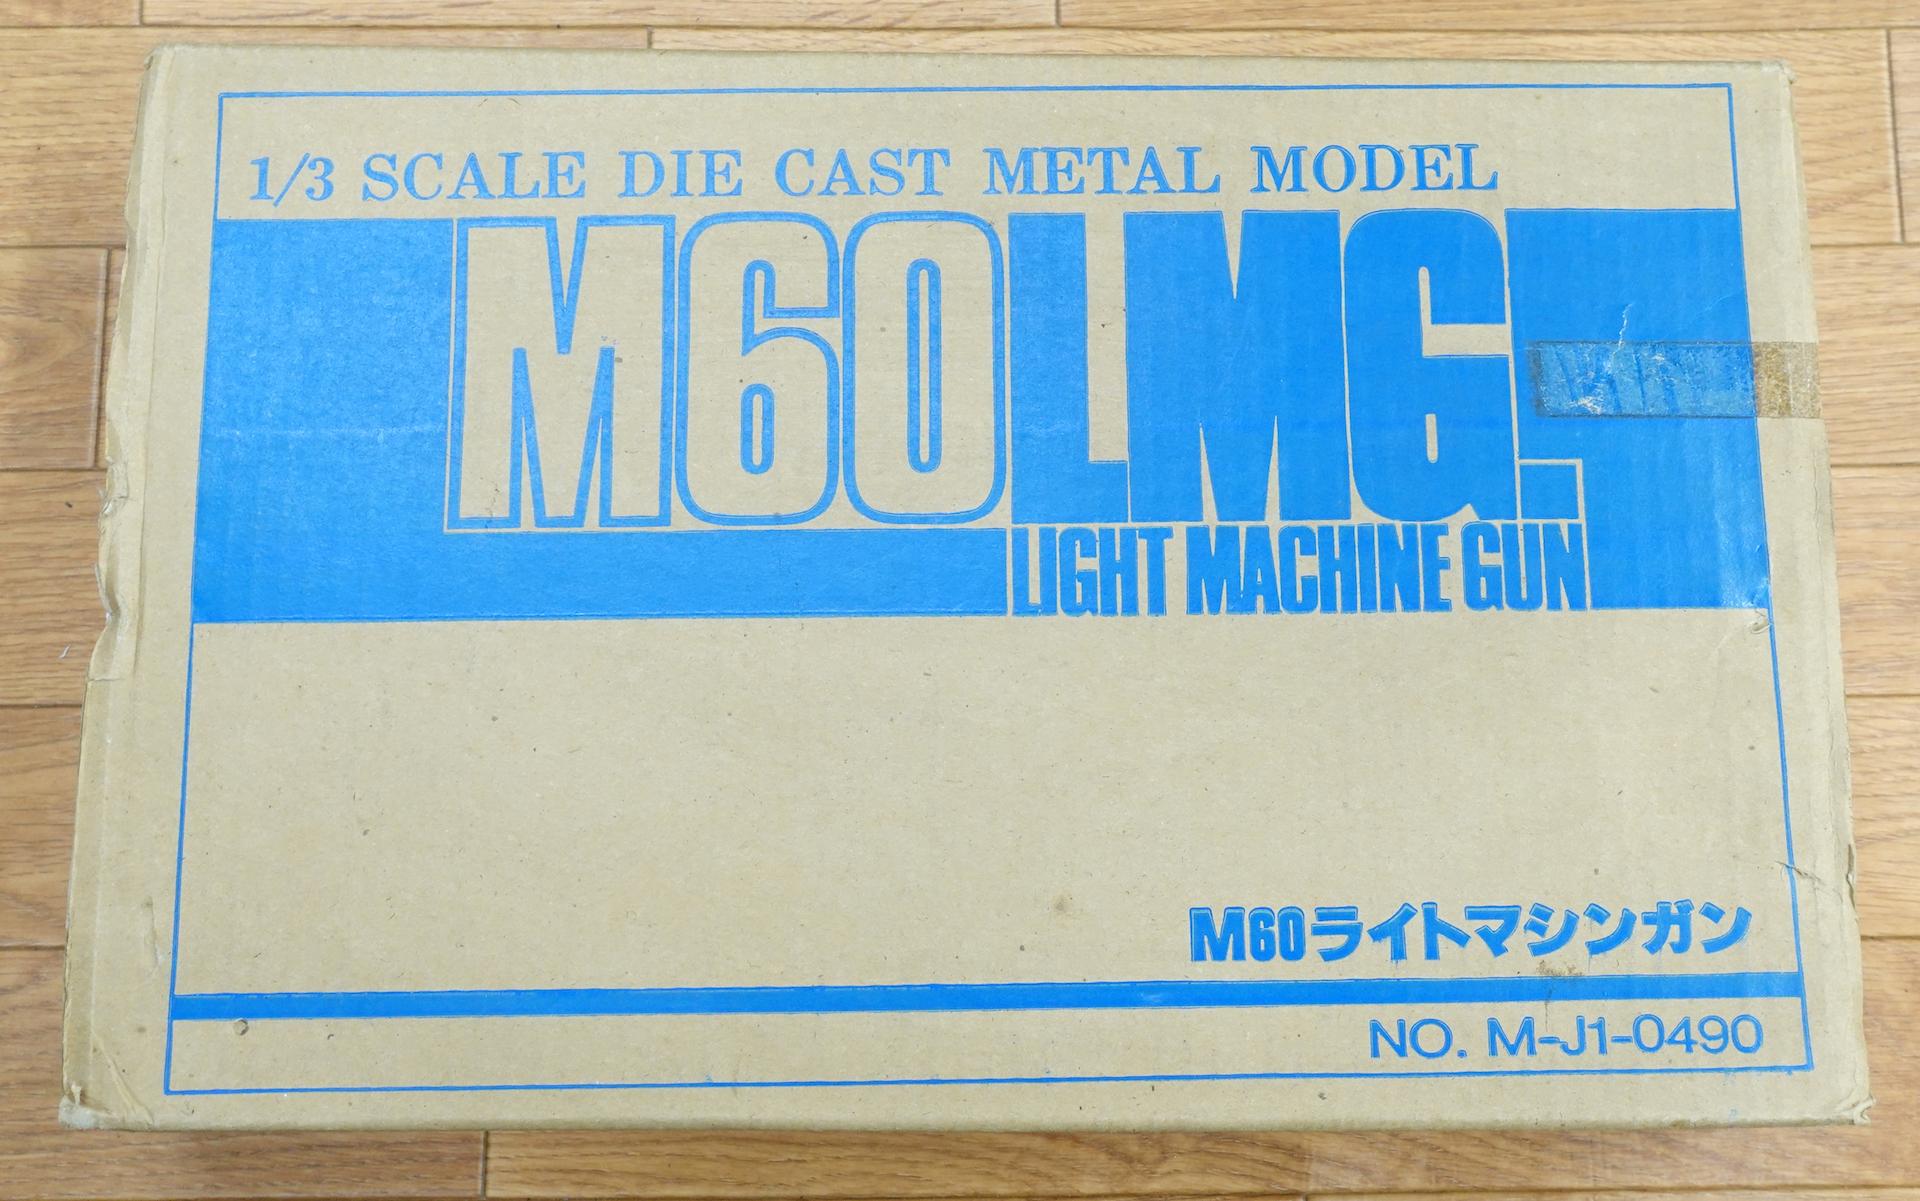 画像_M60ライトマシンガン 1/3スケールモデルガン01